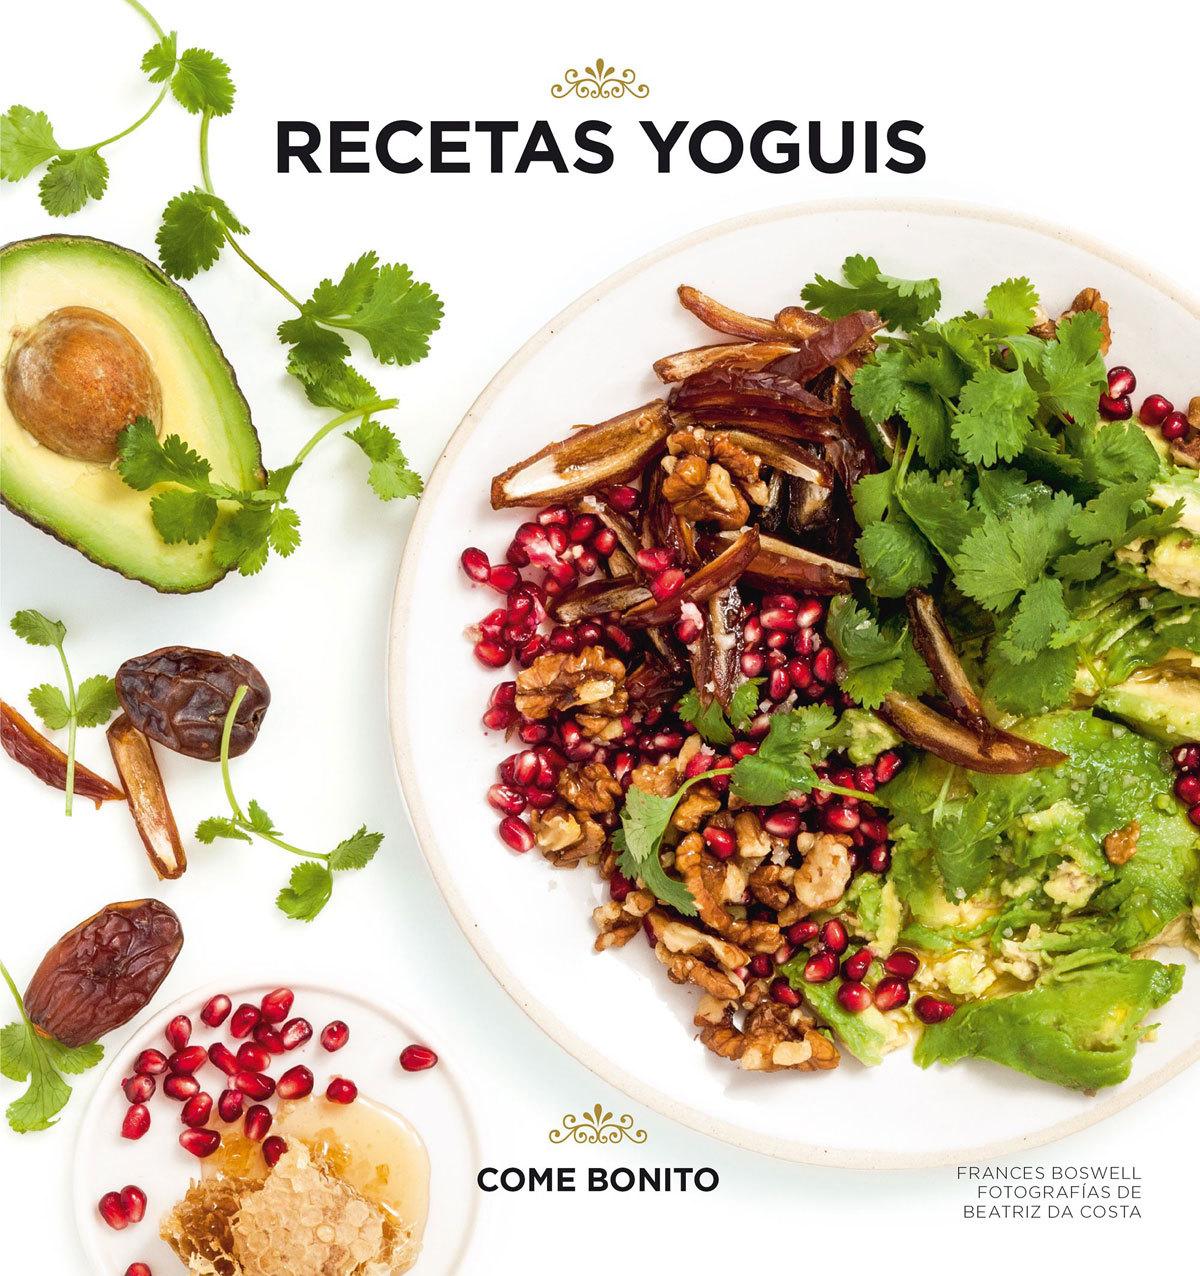 Recetas Yogui, el libro que contiene más de 70 recetas que se adaptan...